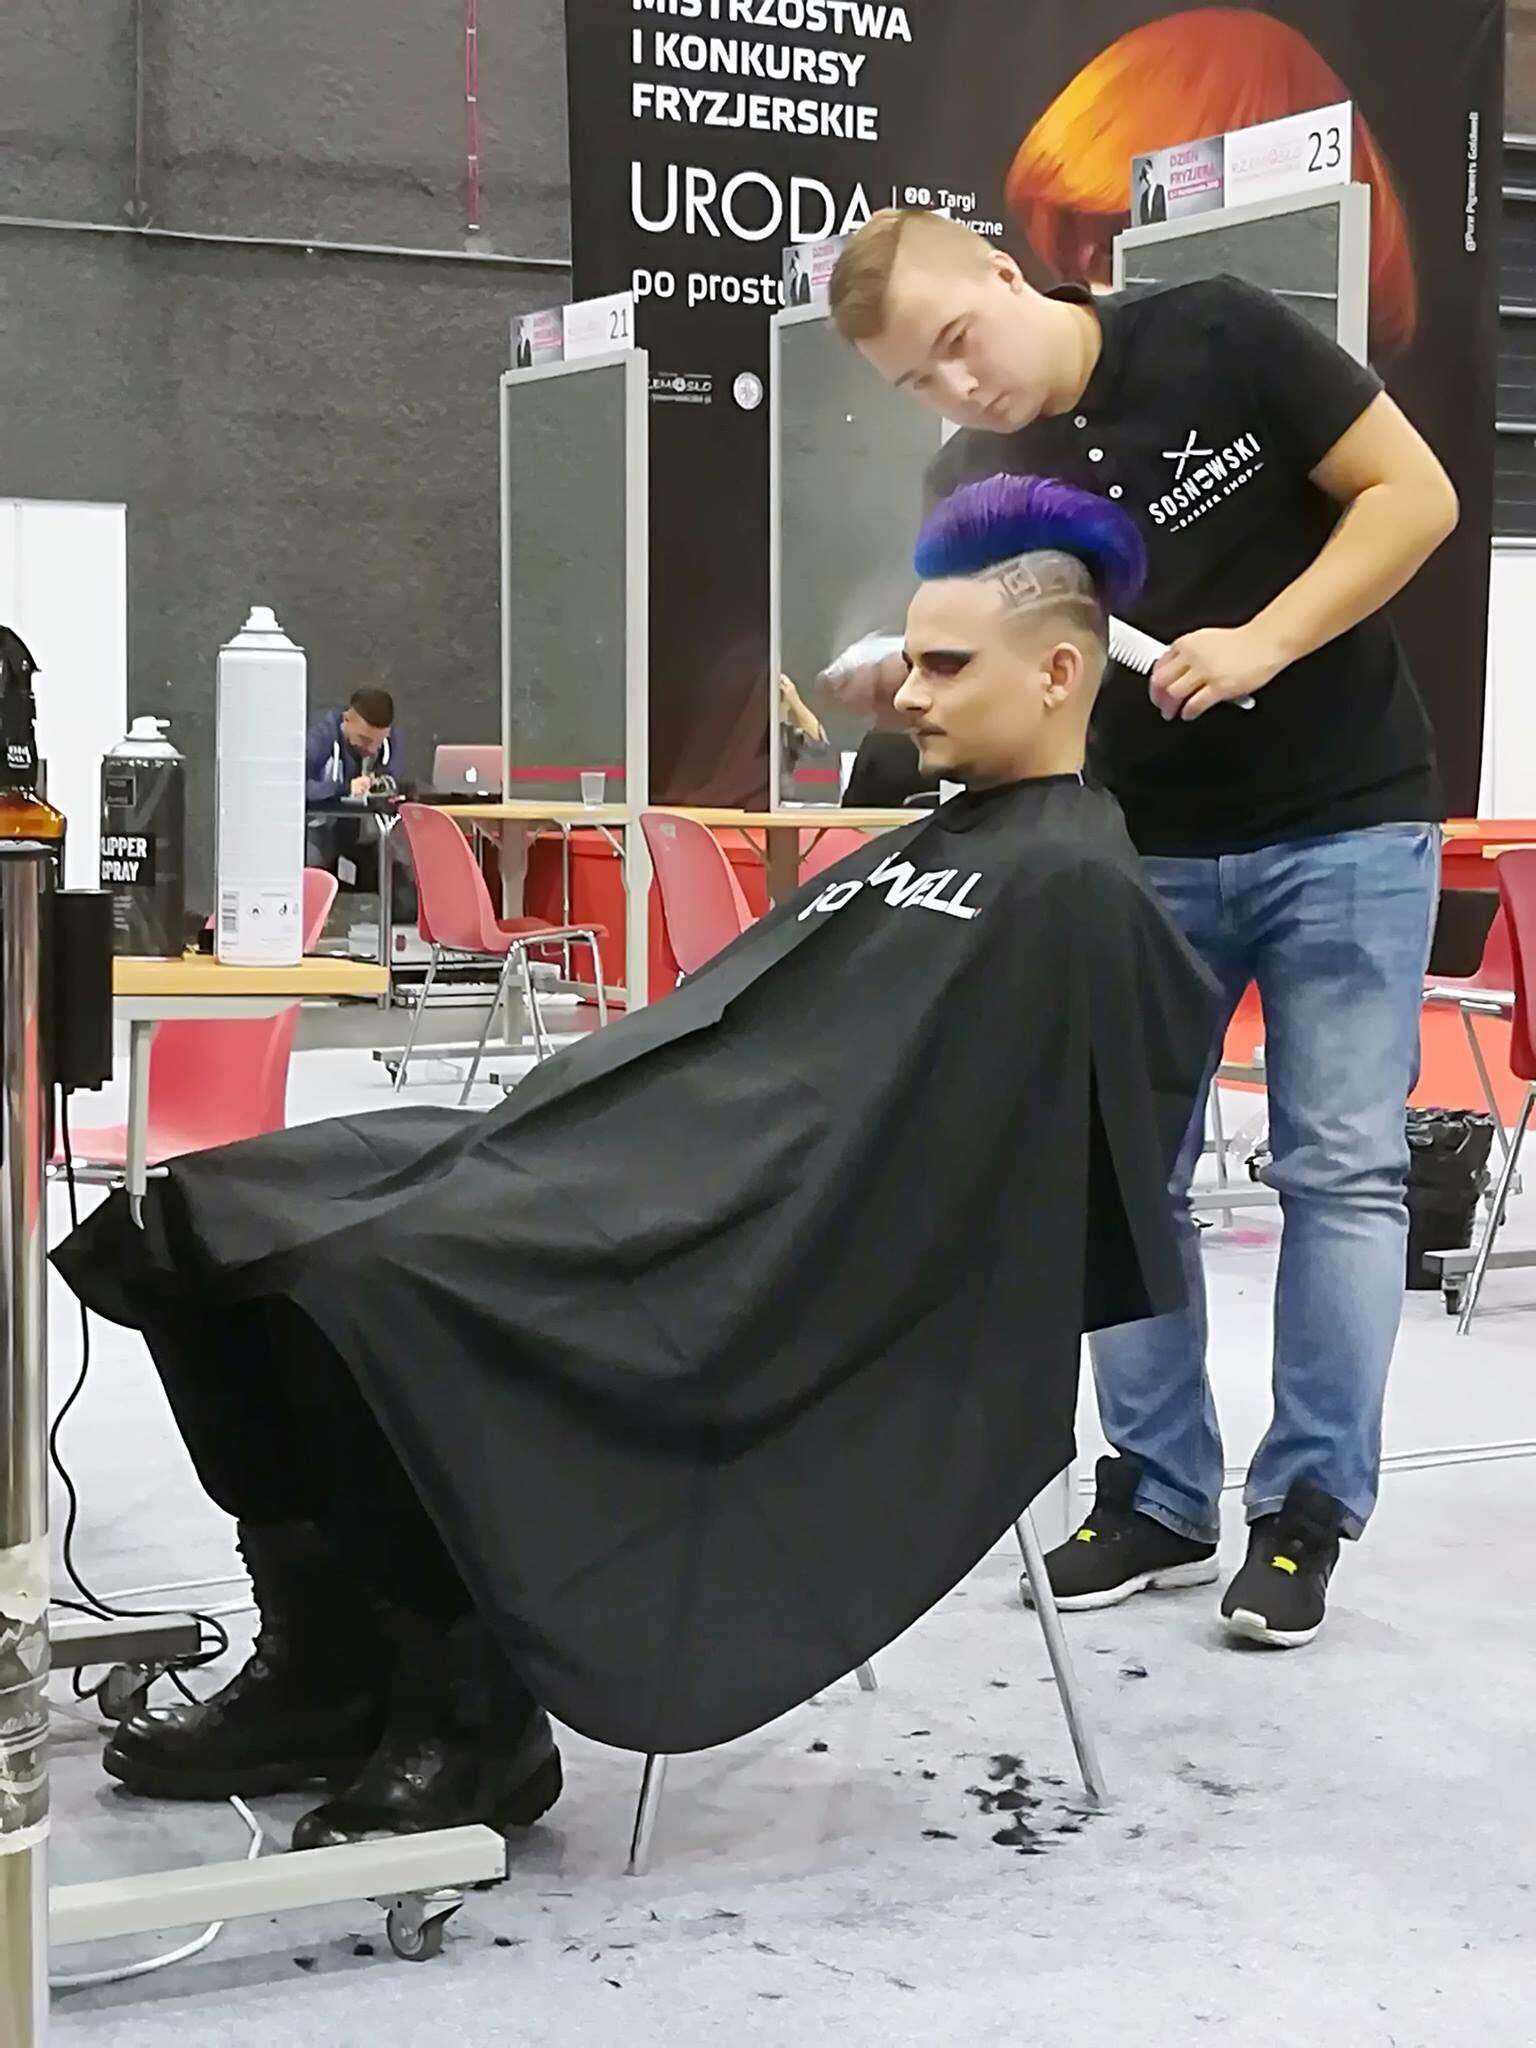 Salon Fryzjerski Sosnowski Barber Shop Zdjęcie 3029795 Lubawa